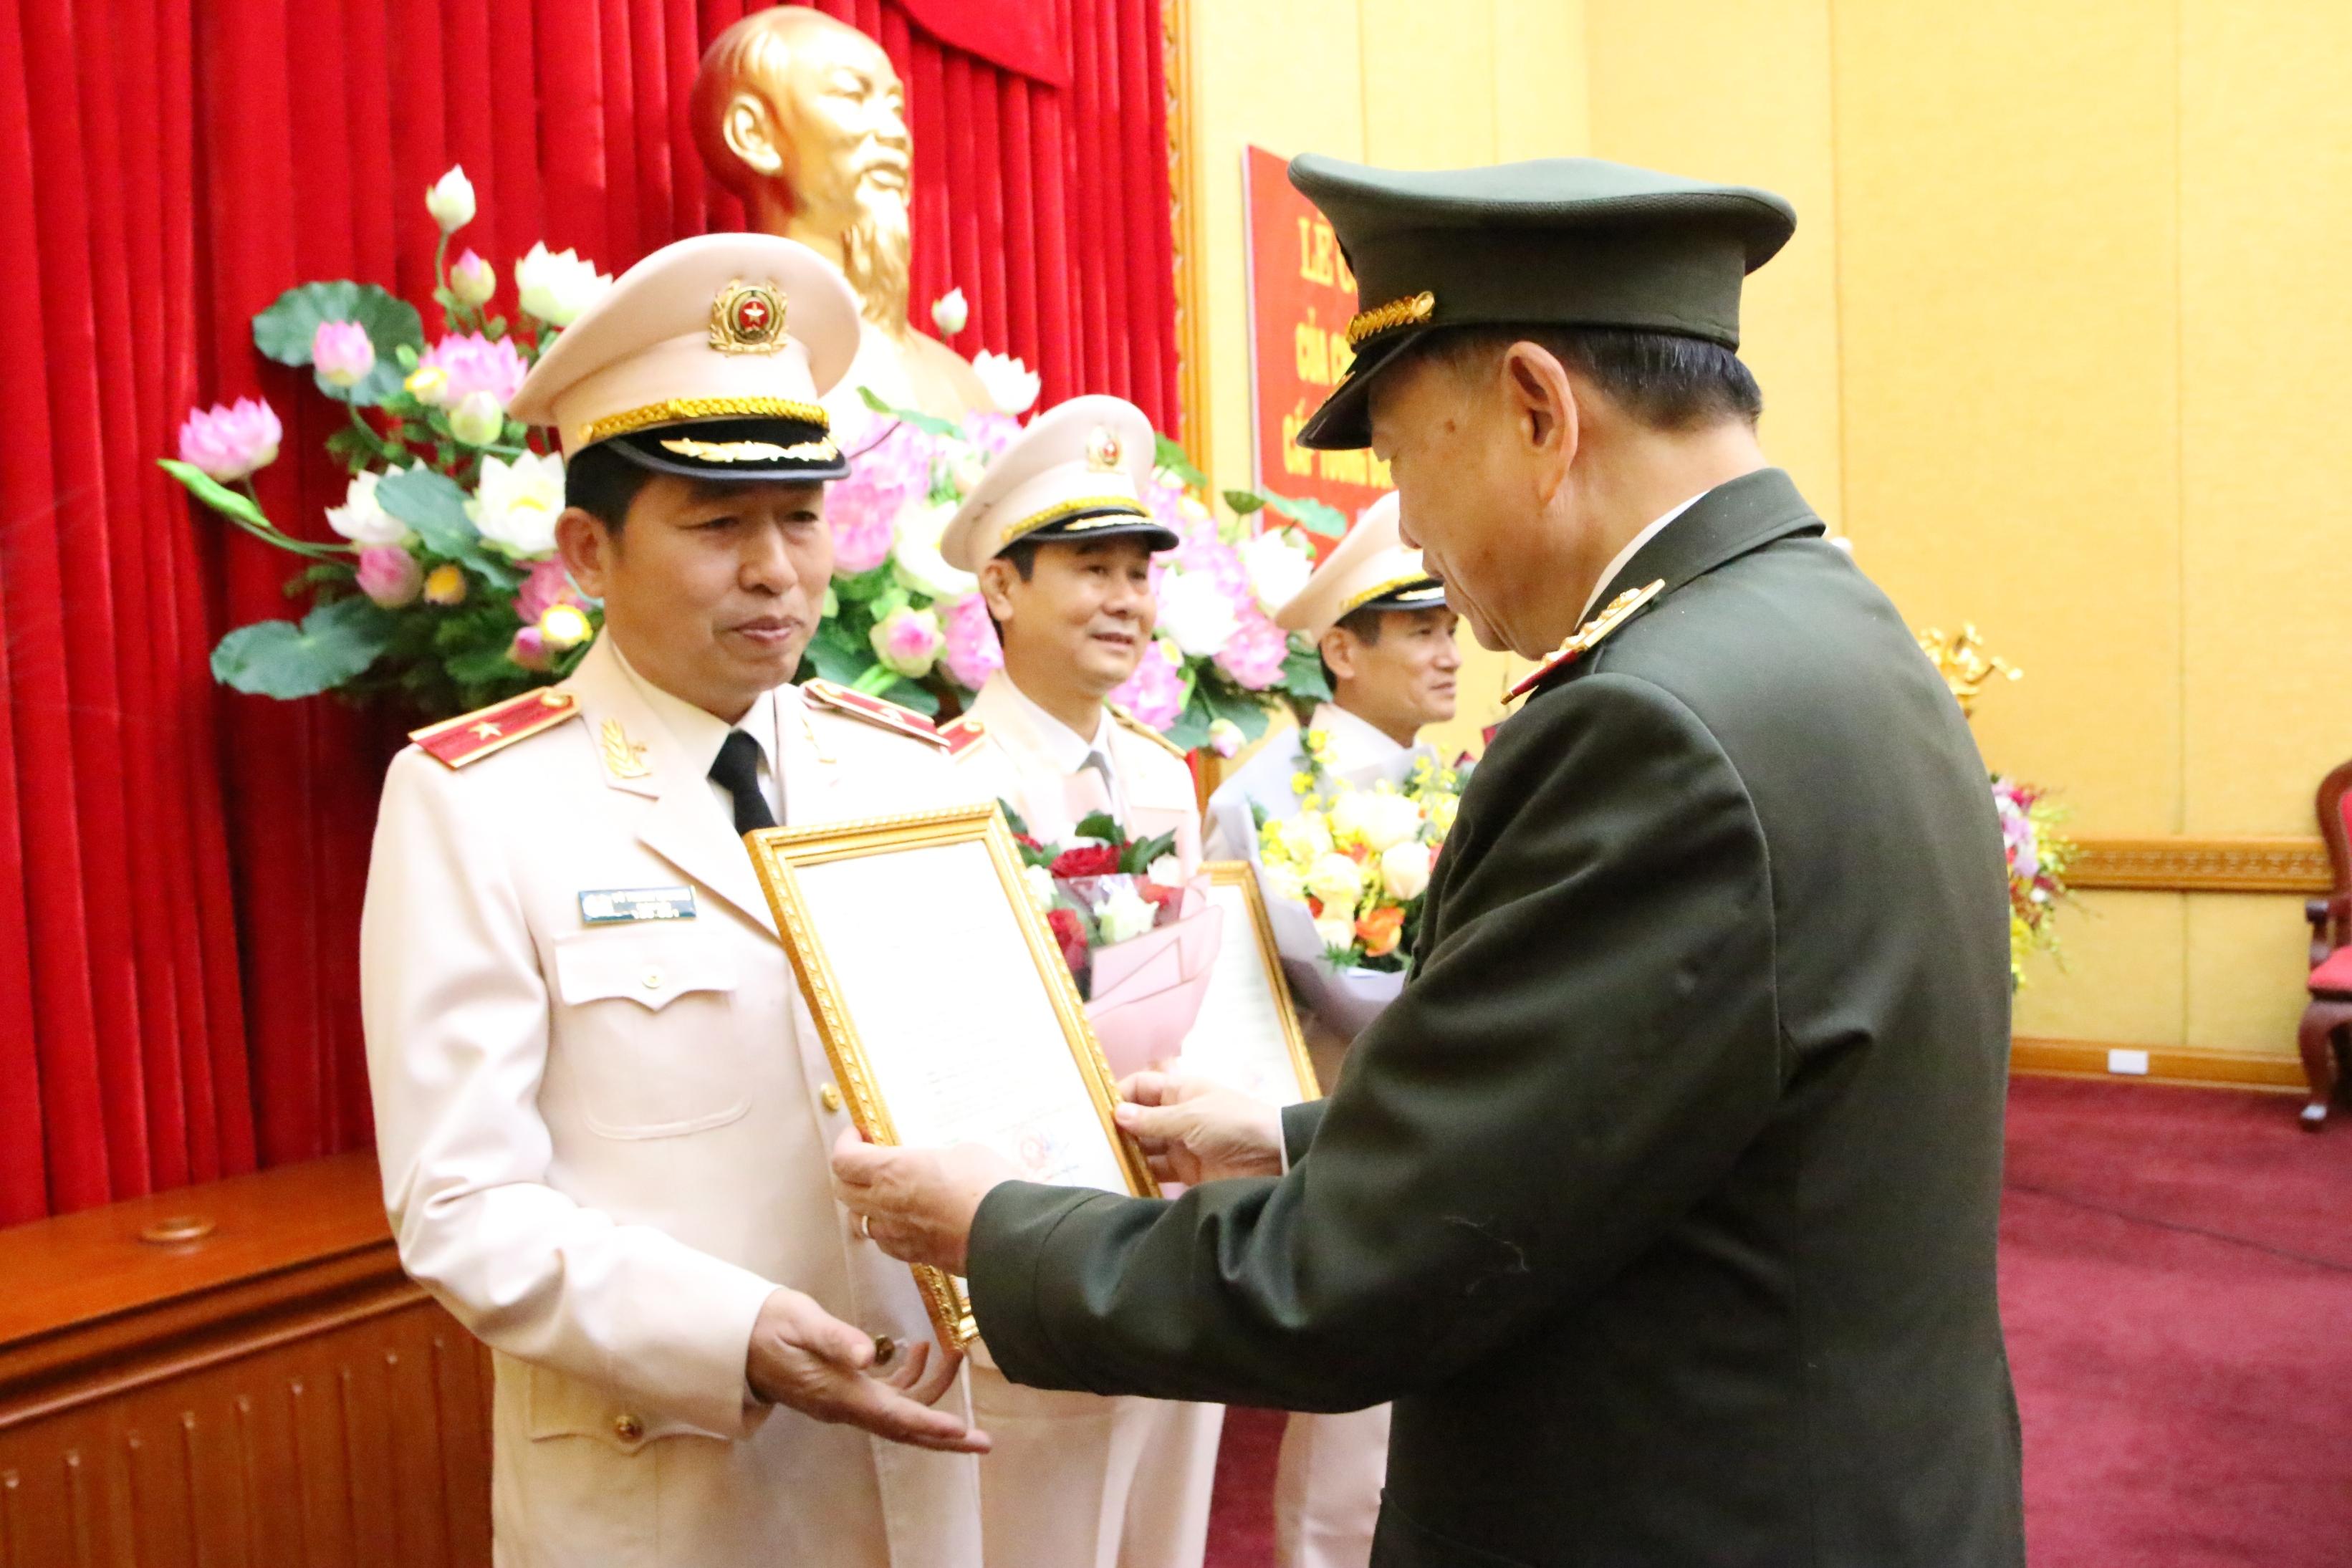 Phong Ham Thiếu Tướng Cho Giam đốc Cong An Hải Phong